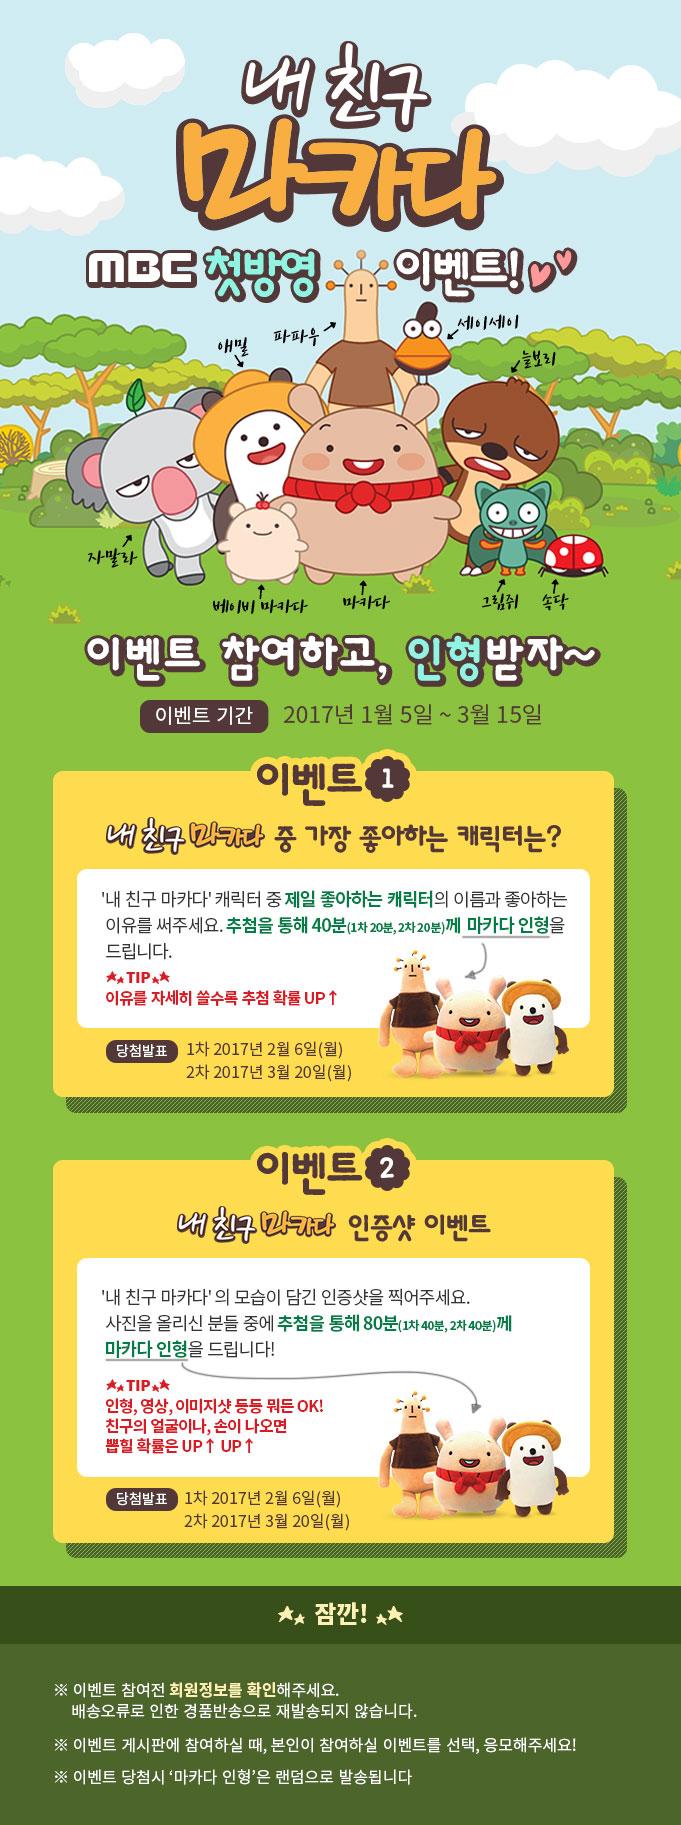 내친구 마카다 MBC첫방영 이벤트! 이벤트 참여하고, 인형받자~